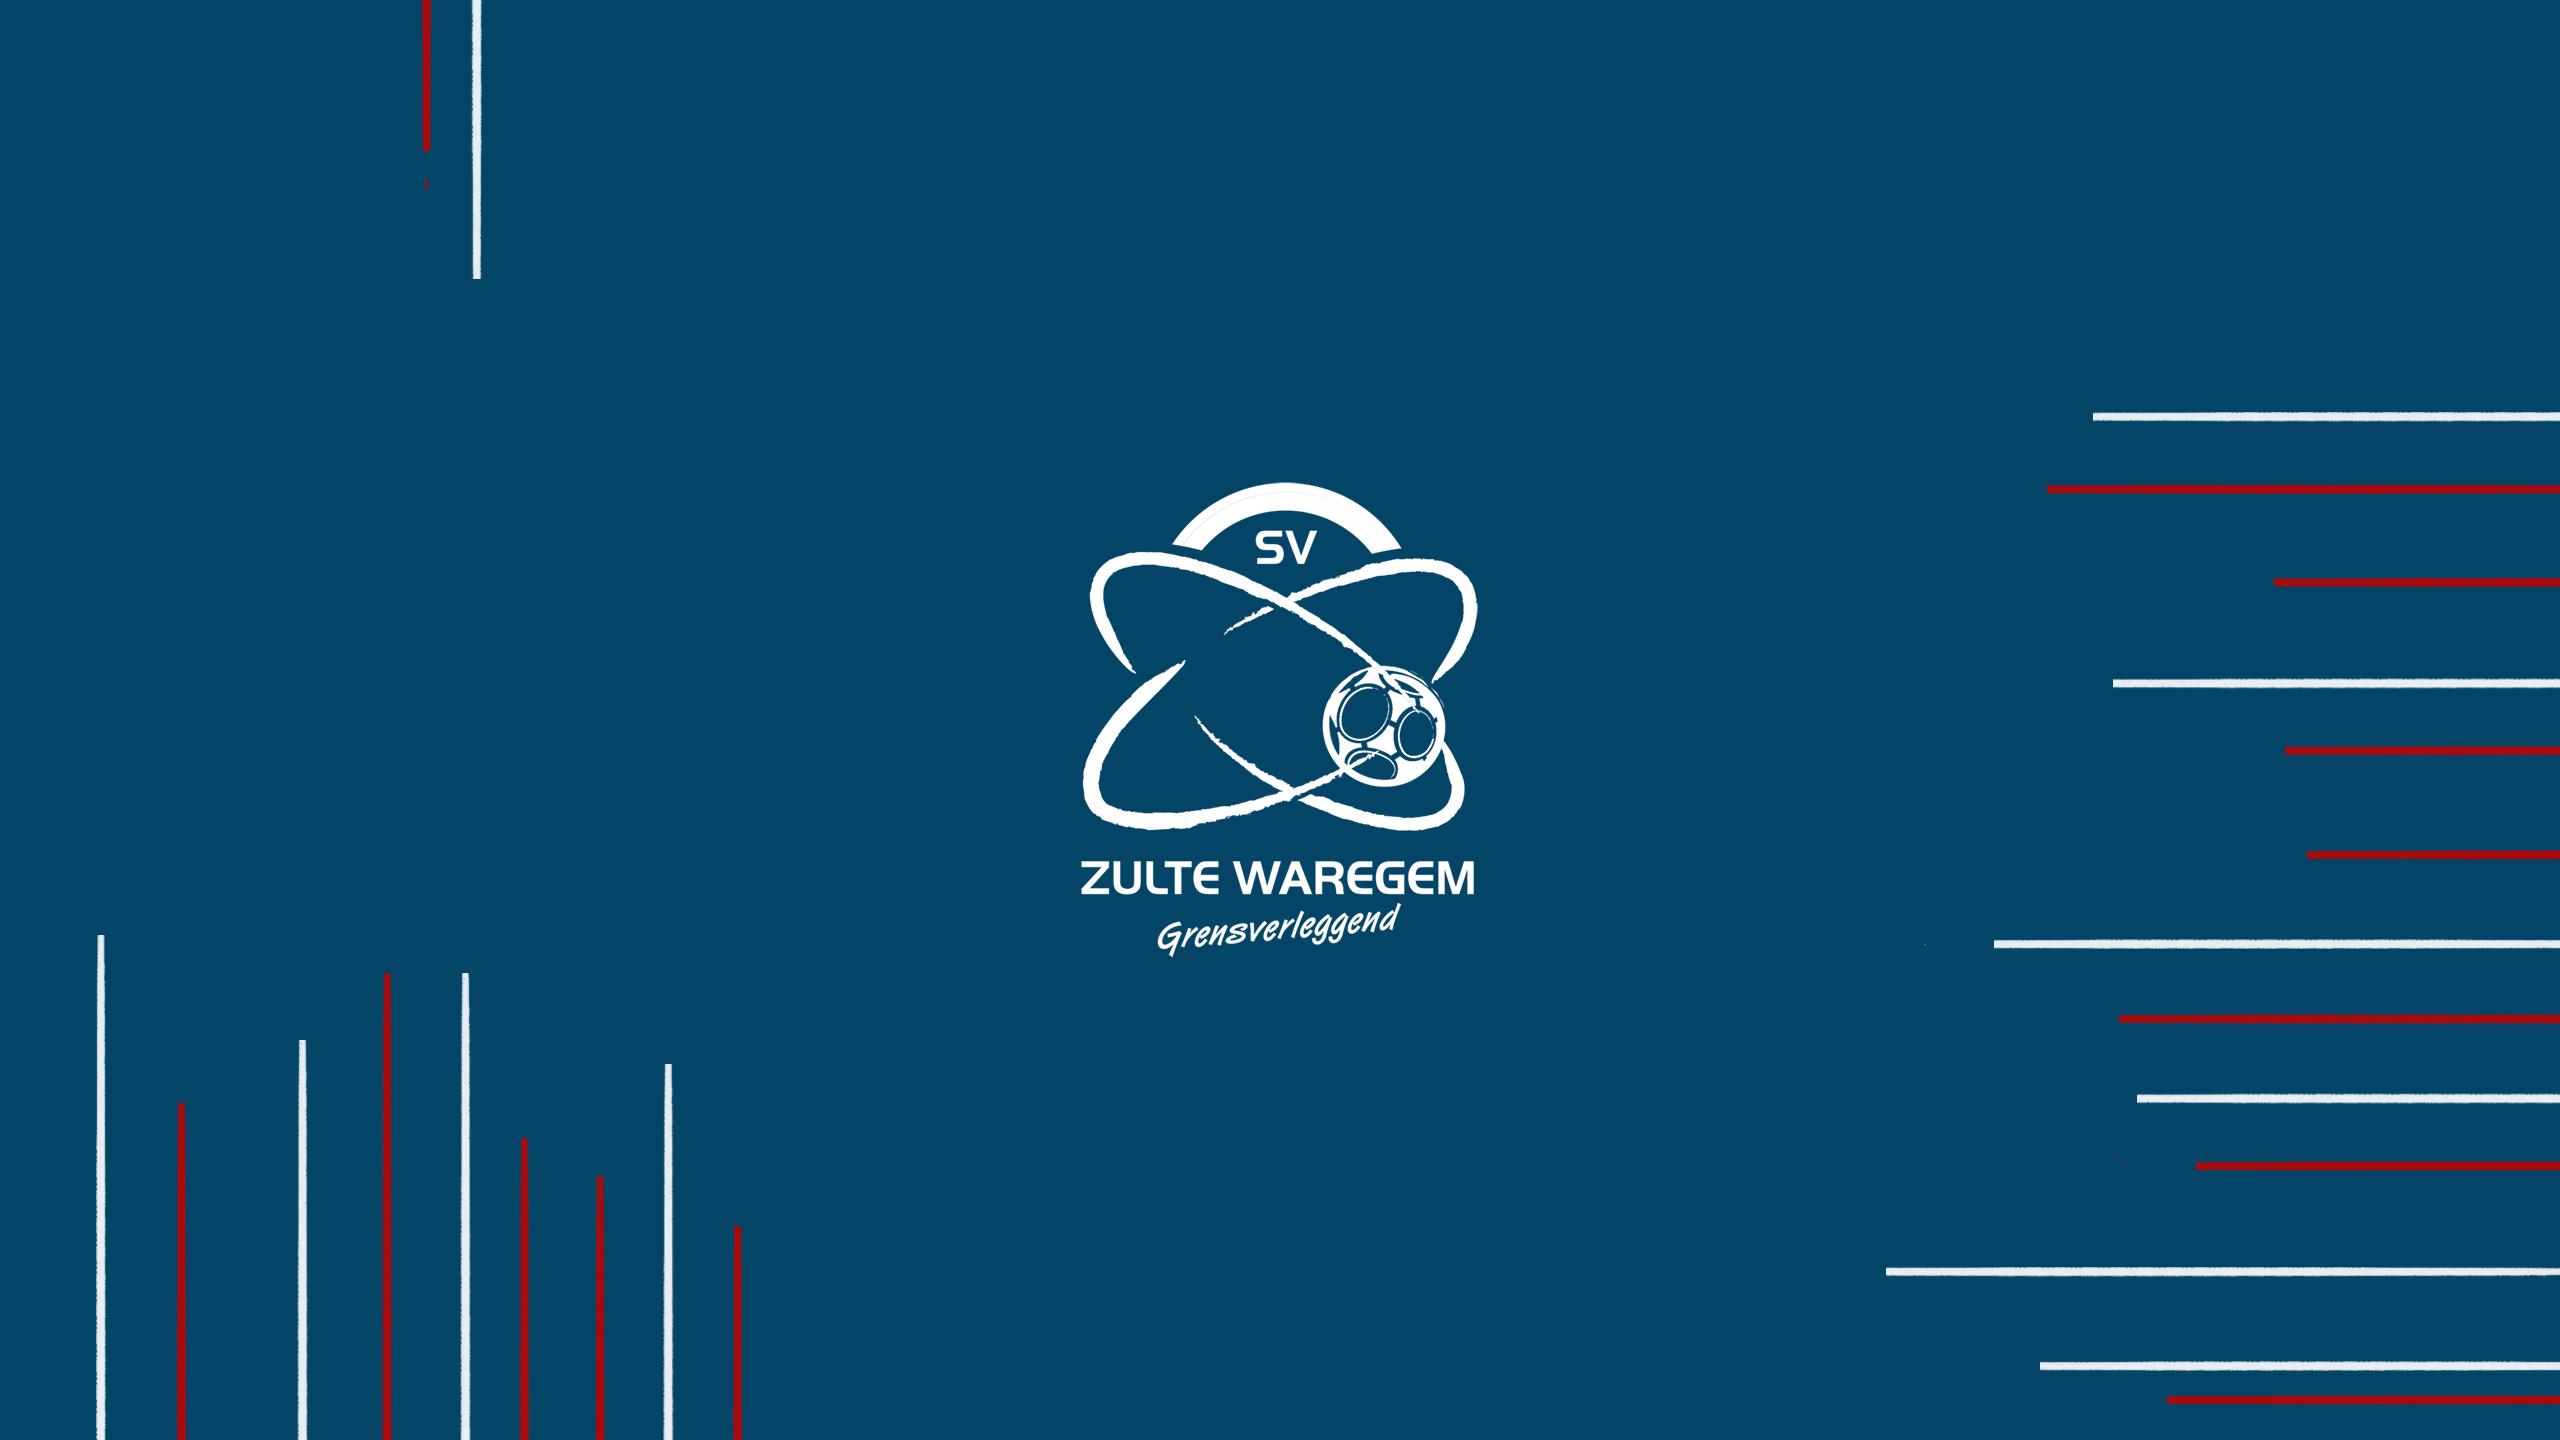 Zulte Waregem (Away)